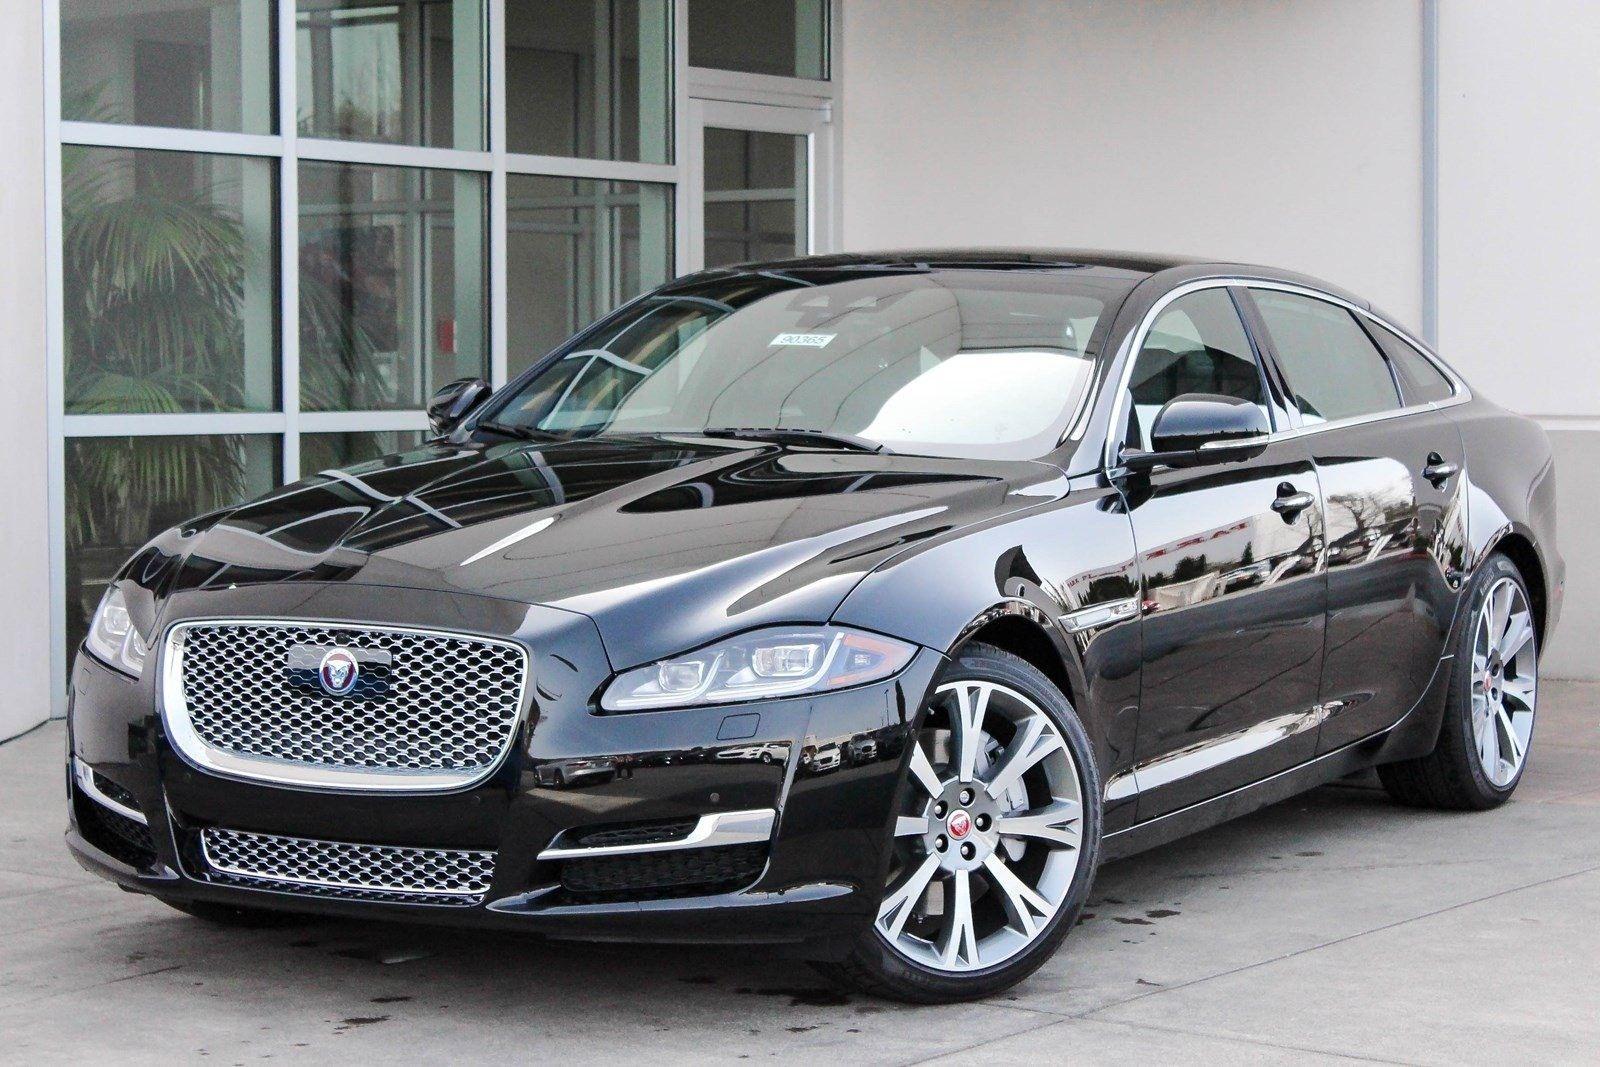 2018 Jaguar Xj Coupe Picture Jaguar Xj Jaguar Jaguar Car